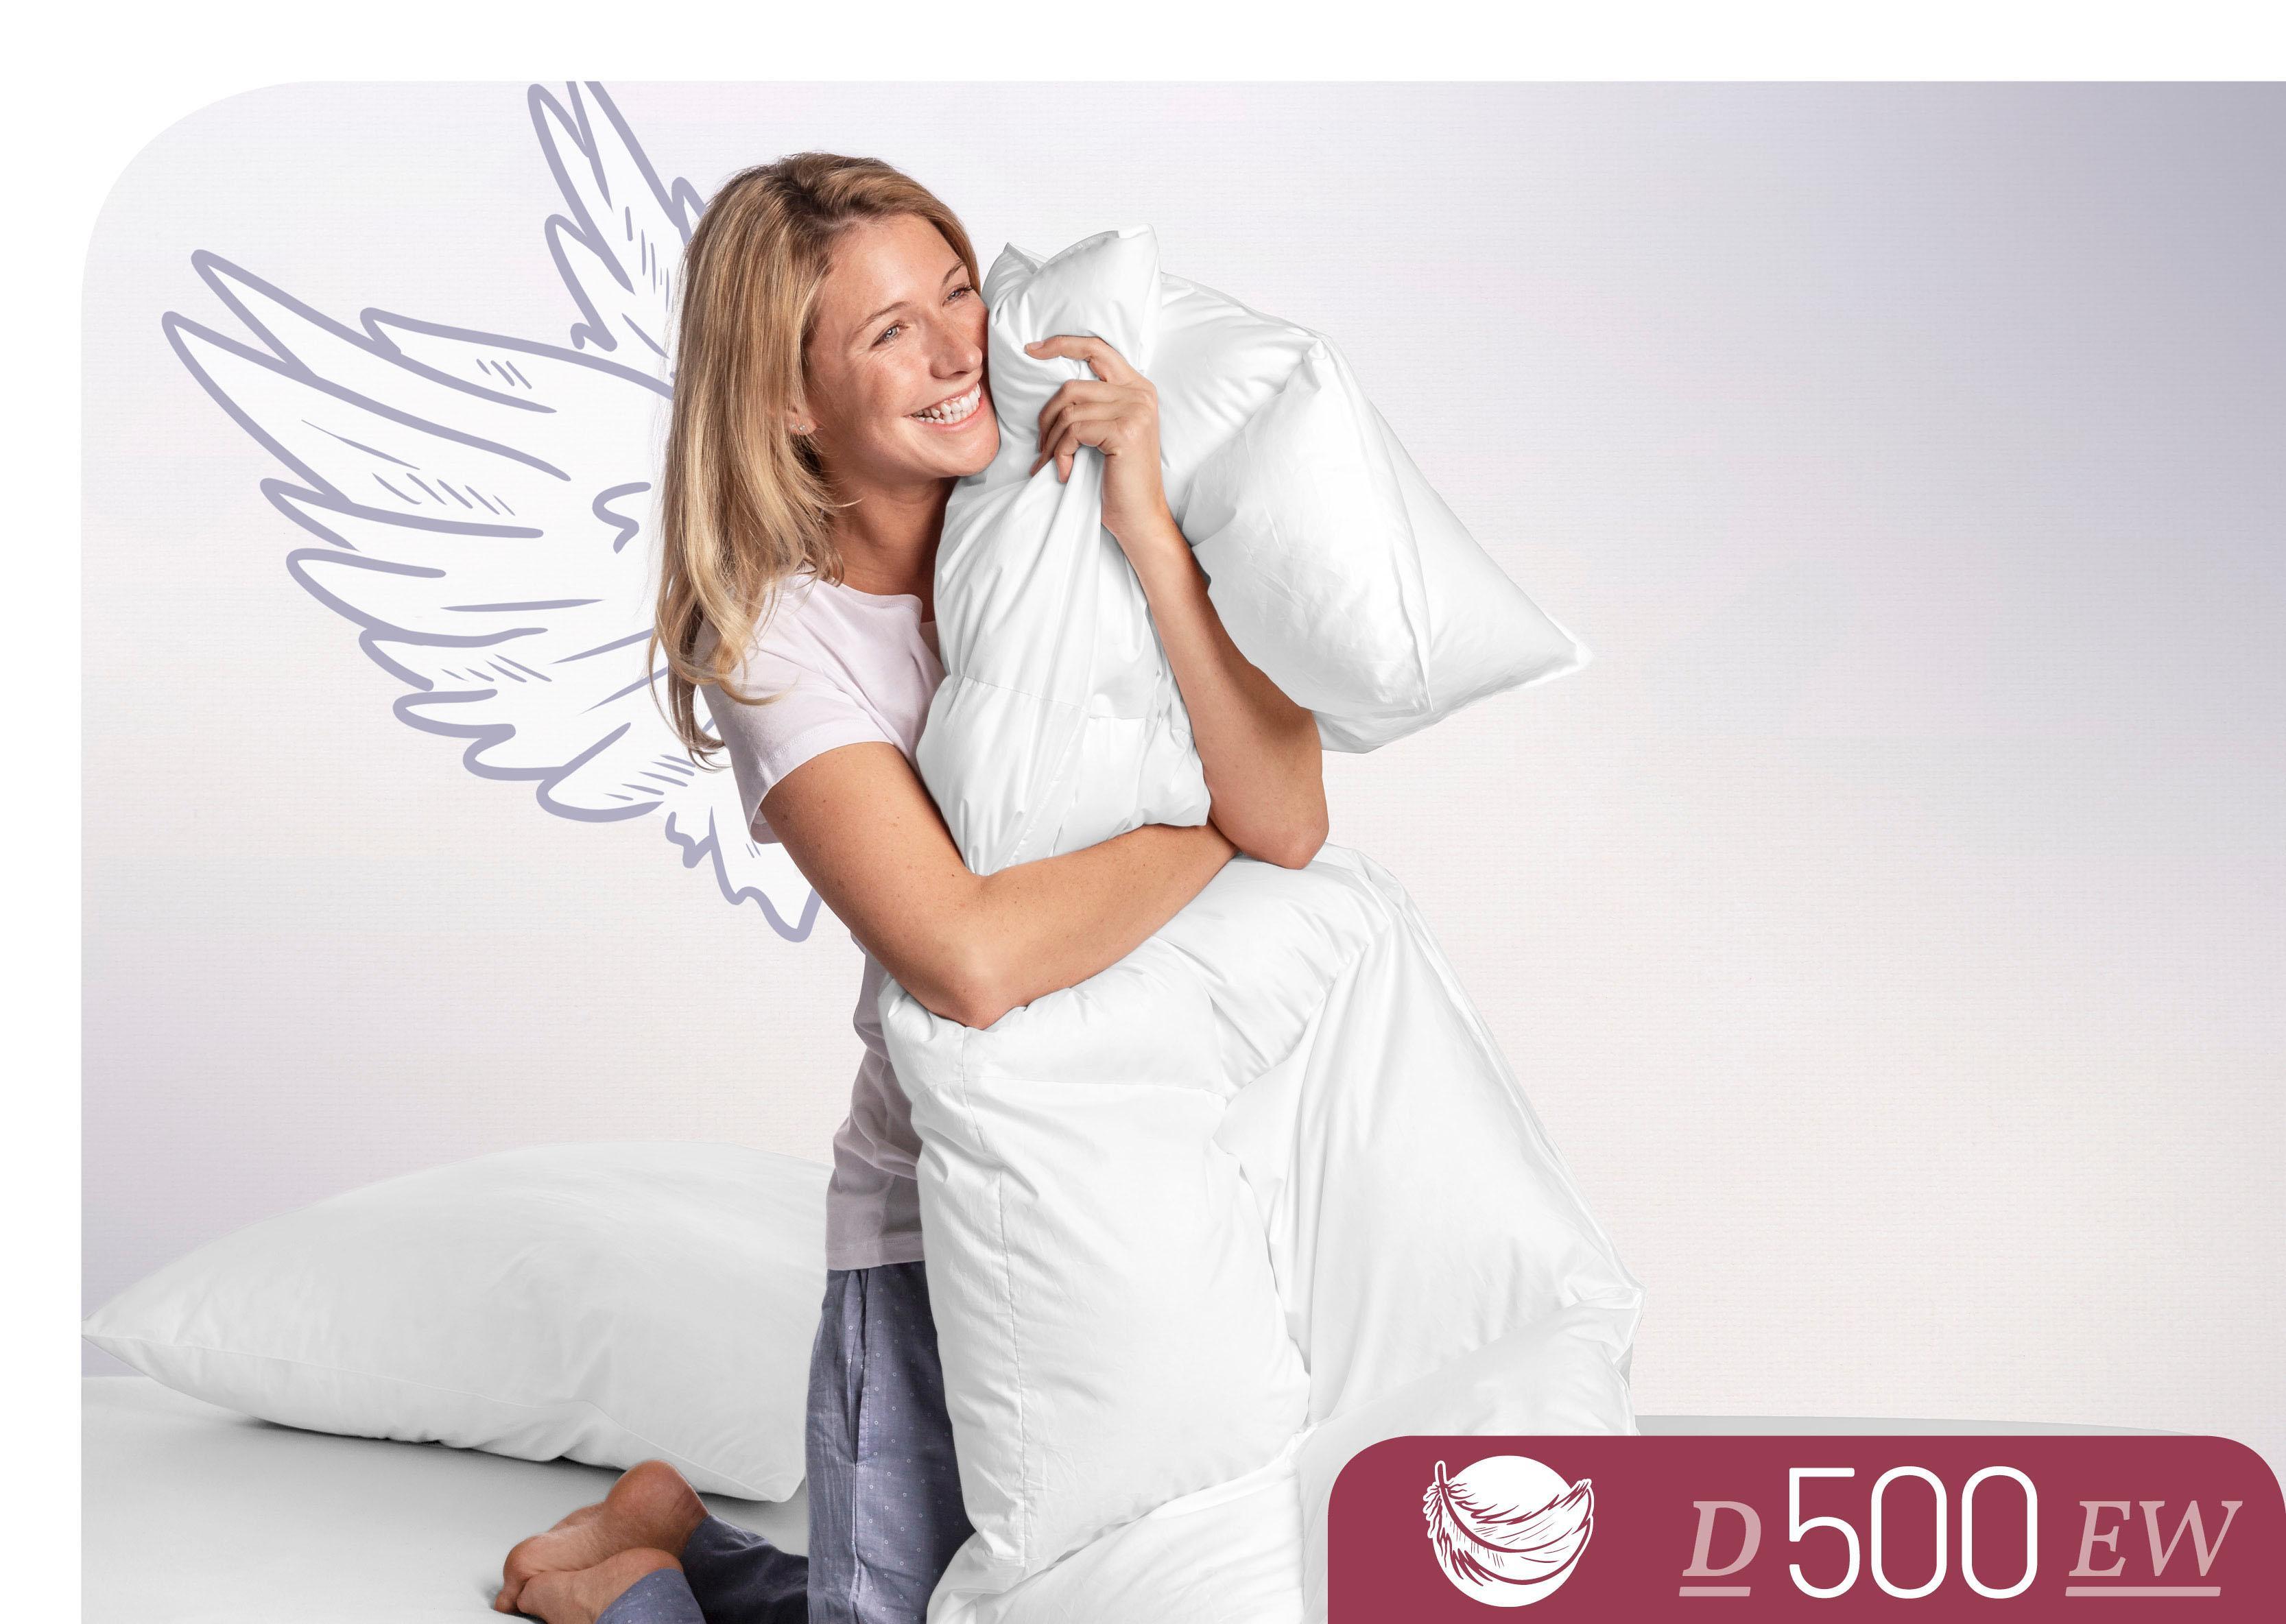 Daunenbettdecke D500 Schlafstil extrawarm Füllung: 100% Daunen Bezug: 100% Baumwolle